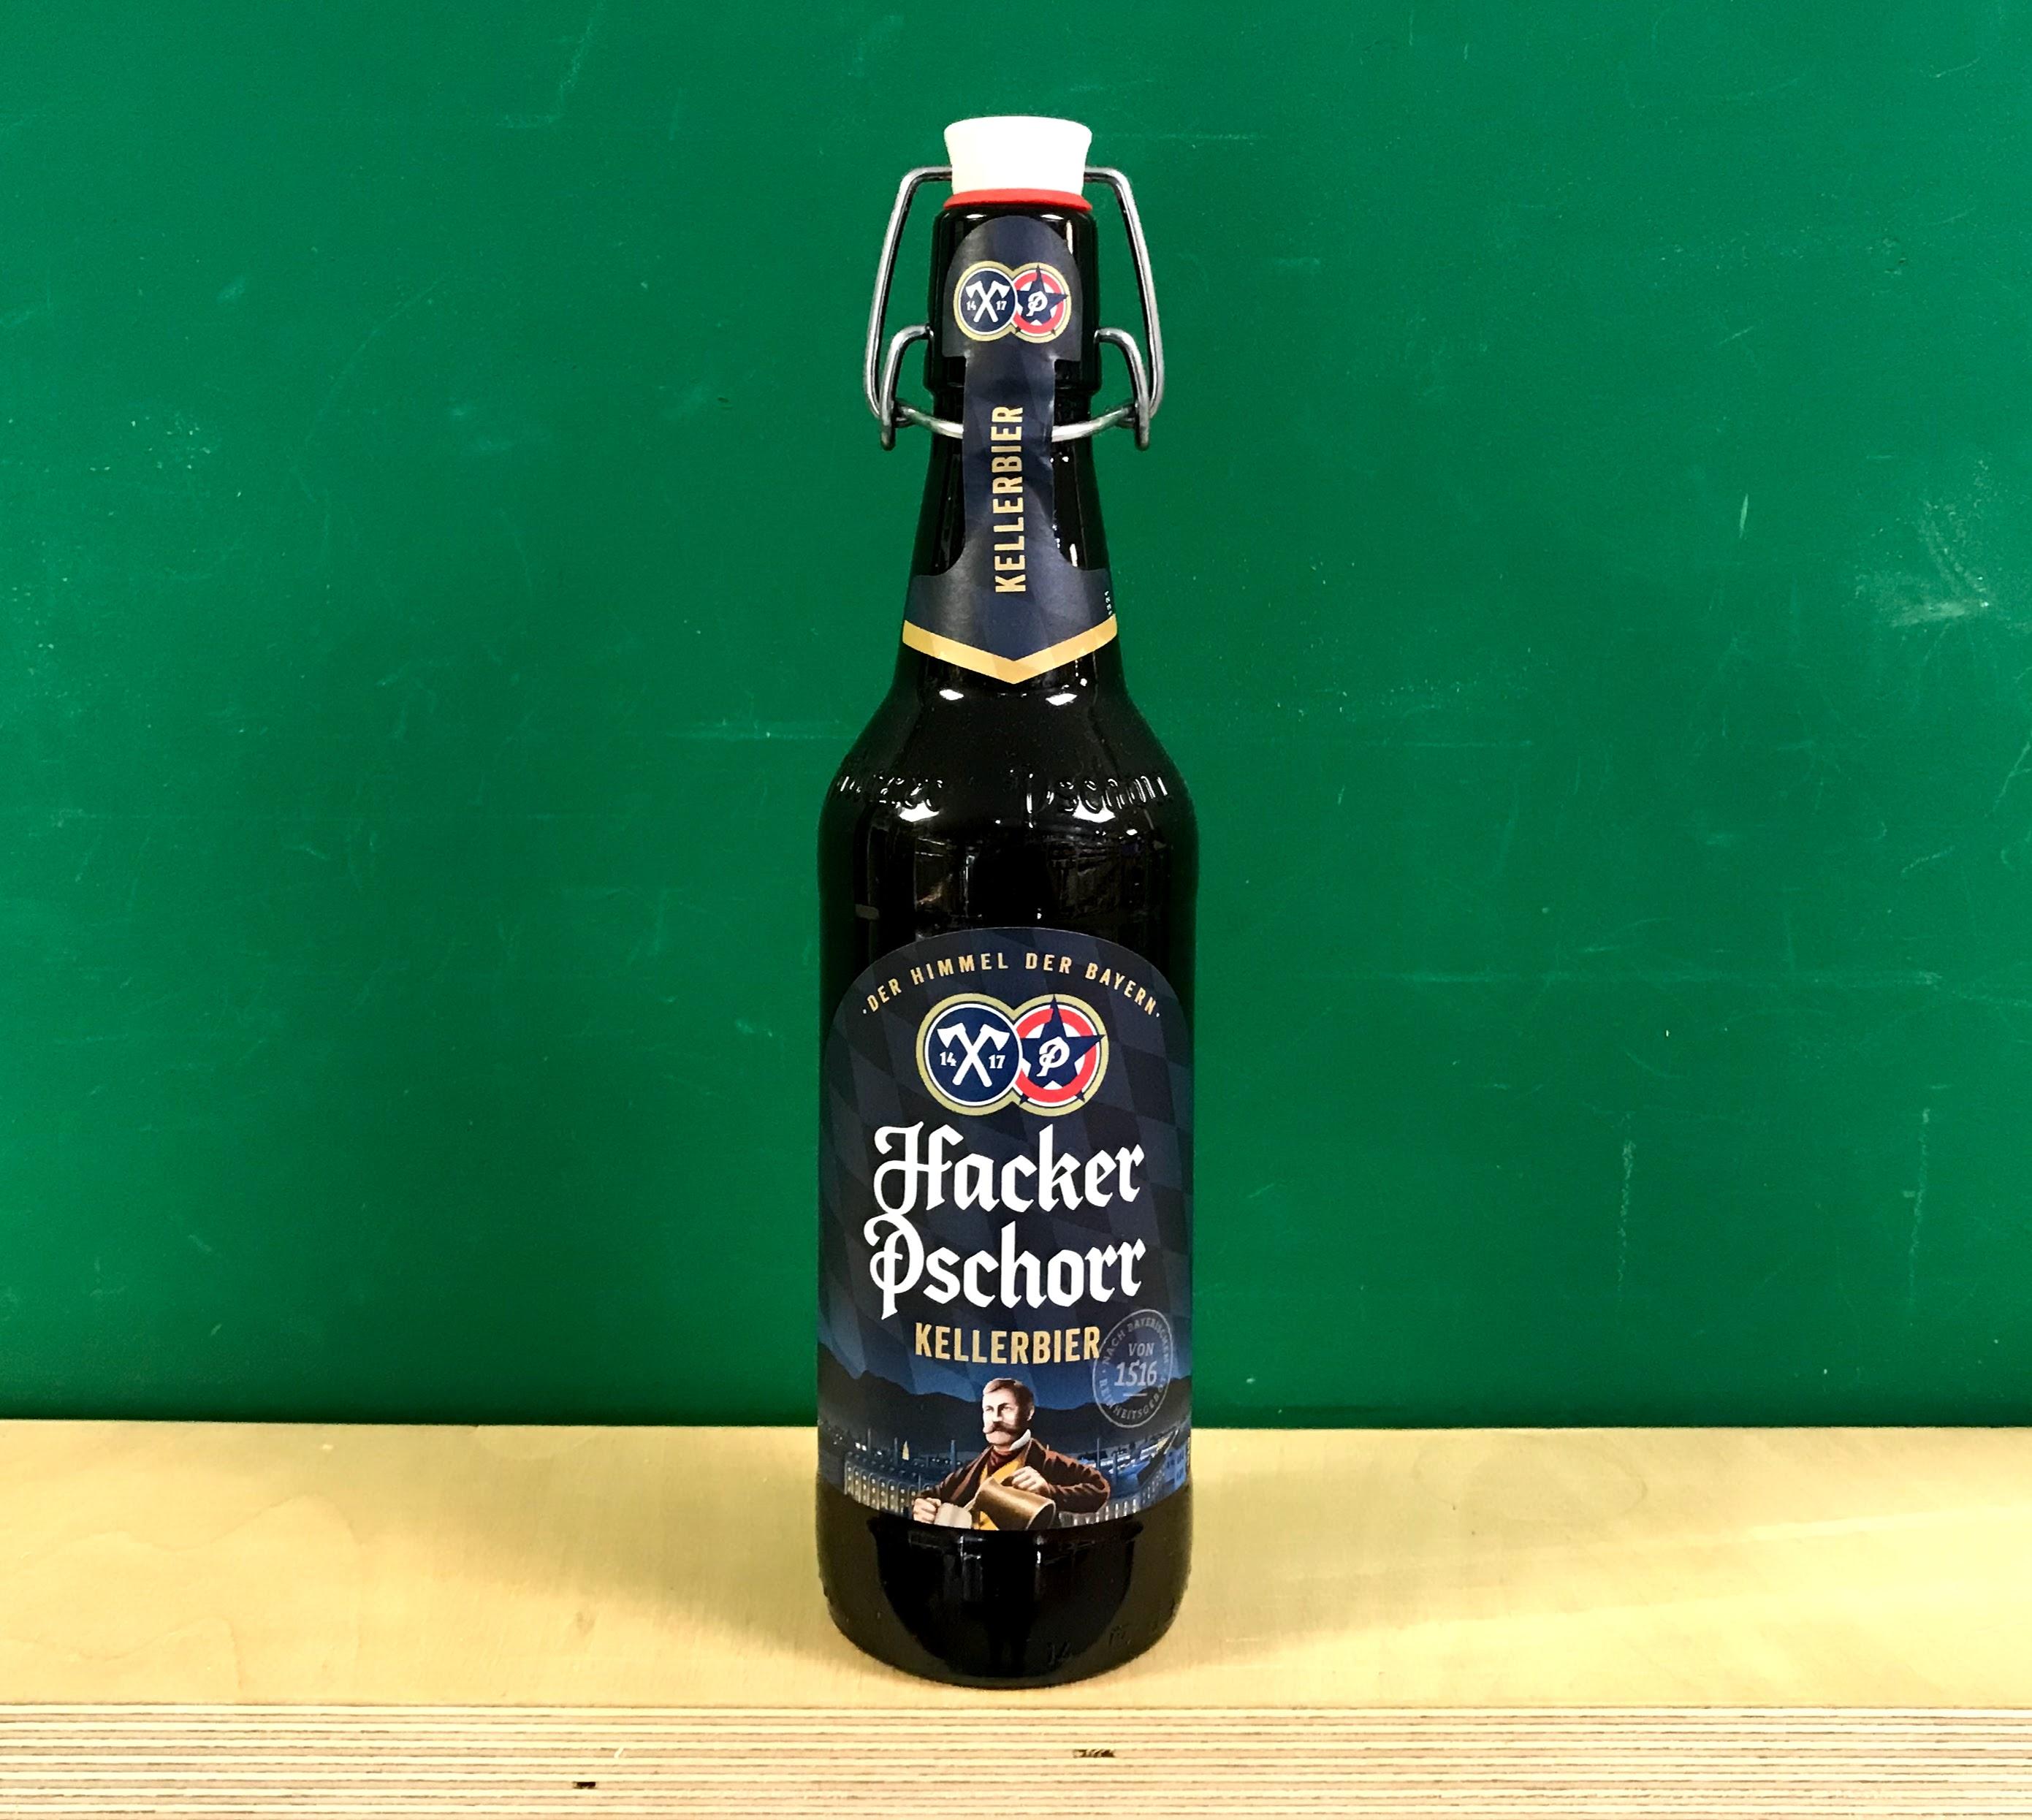 Hacker Pschorr Kellerbier